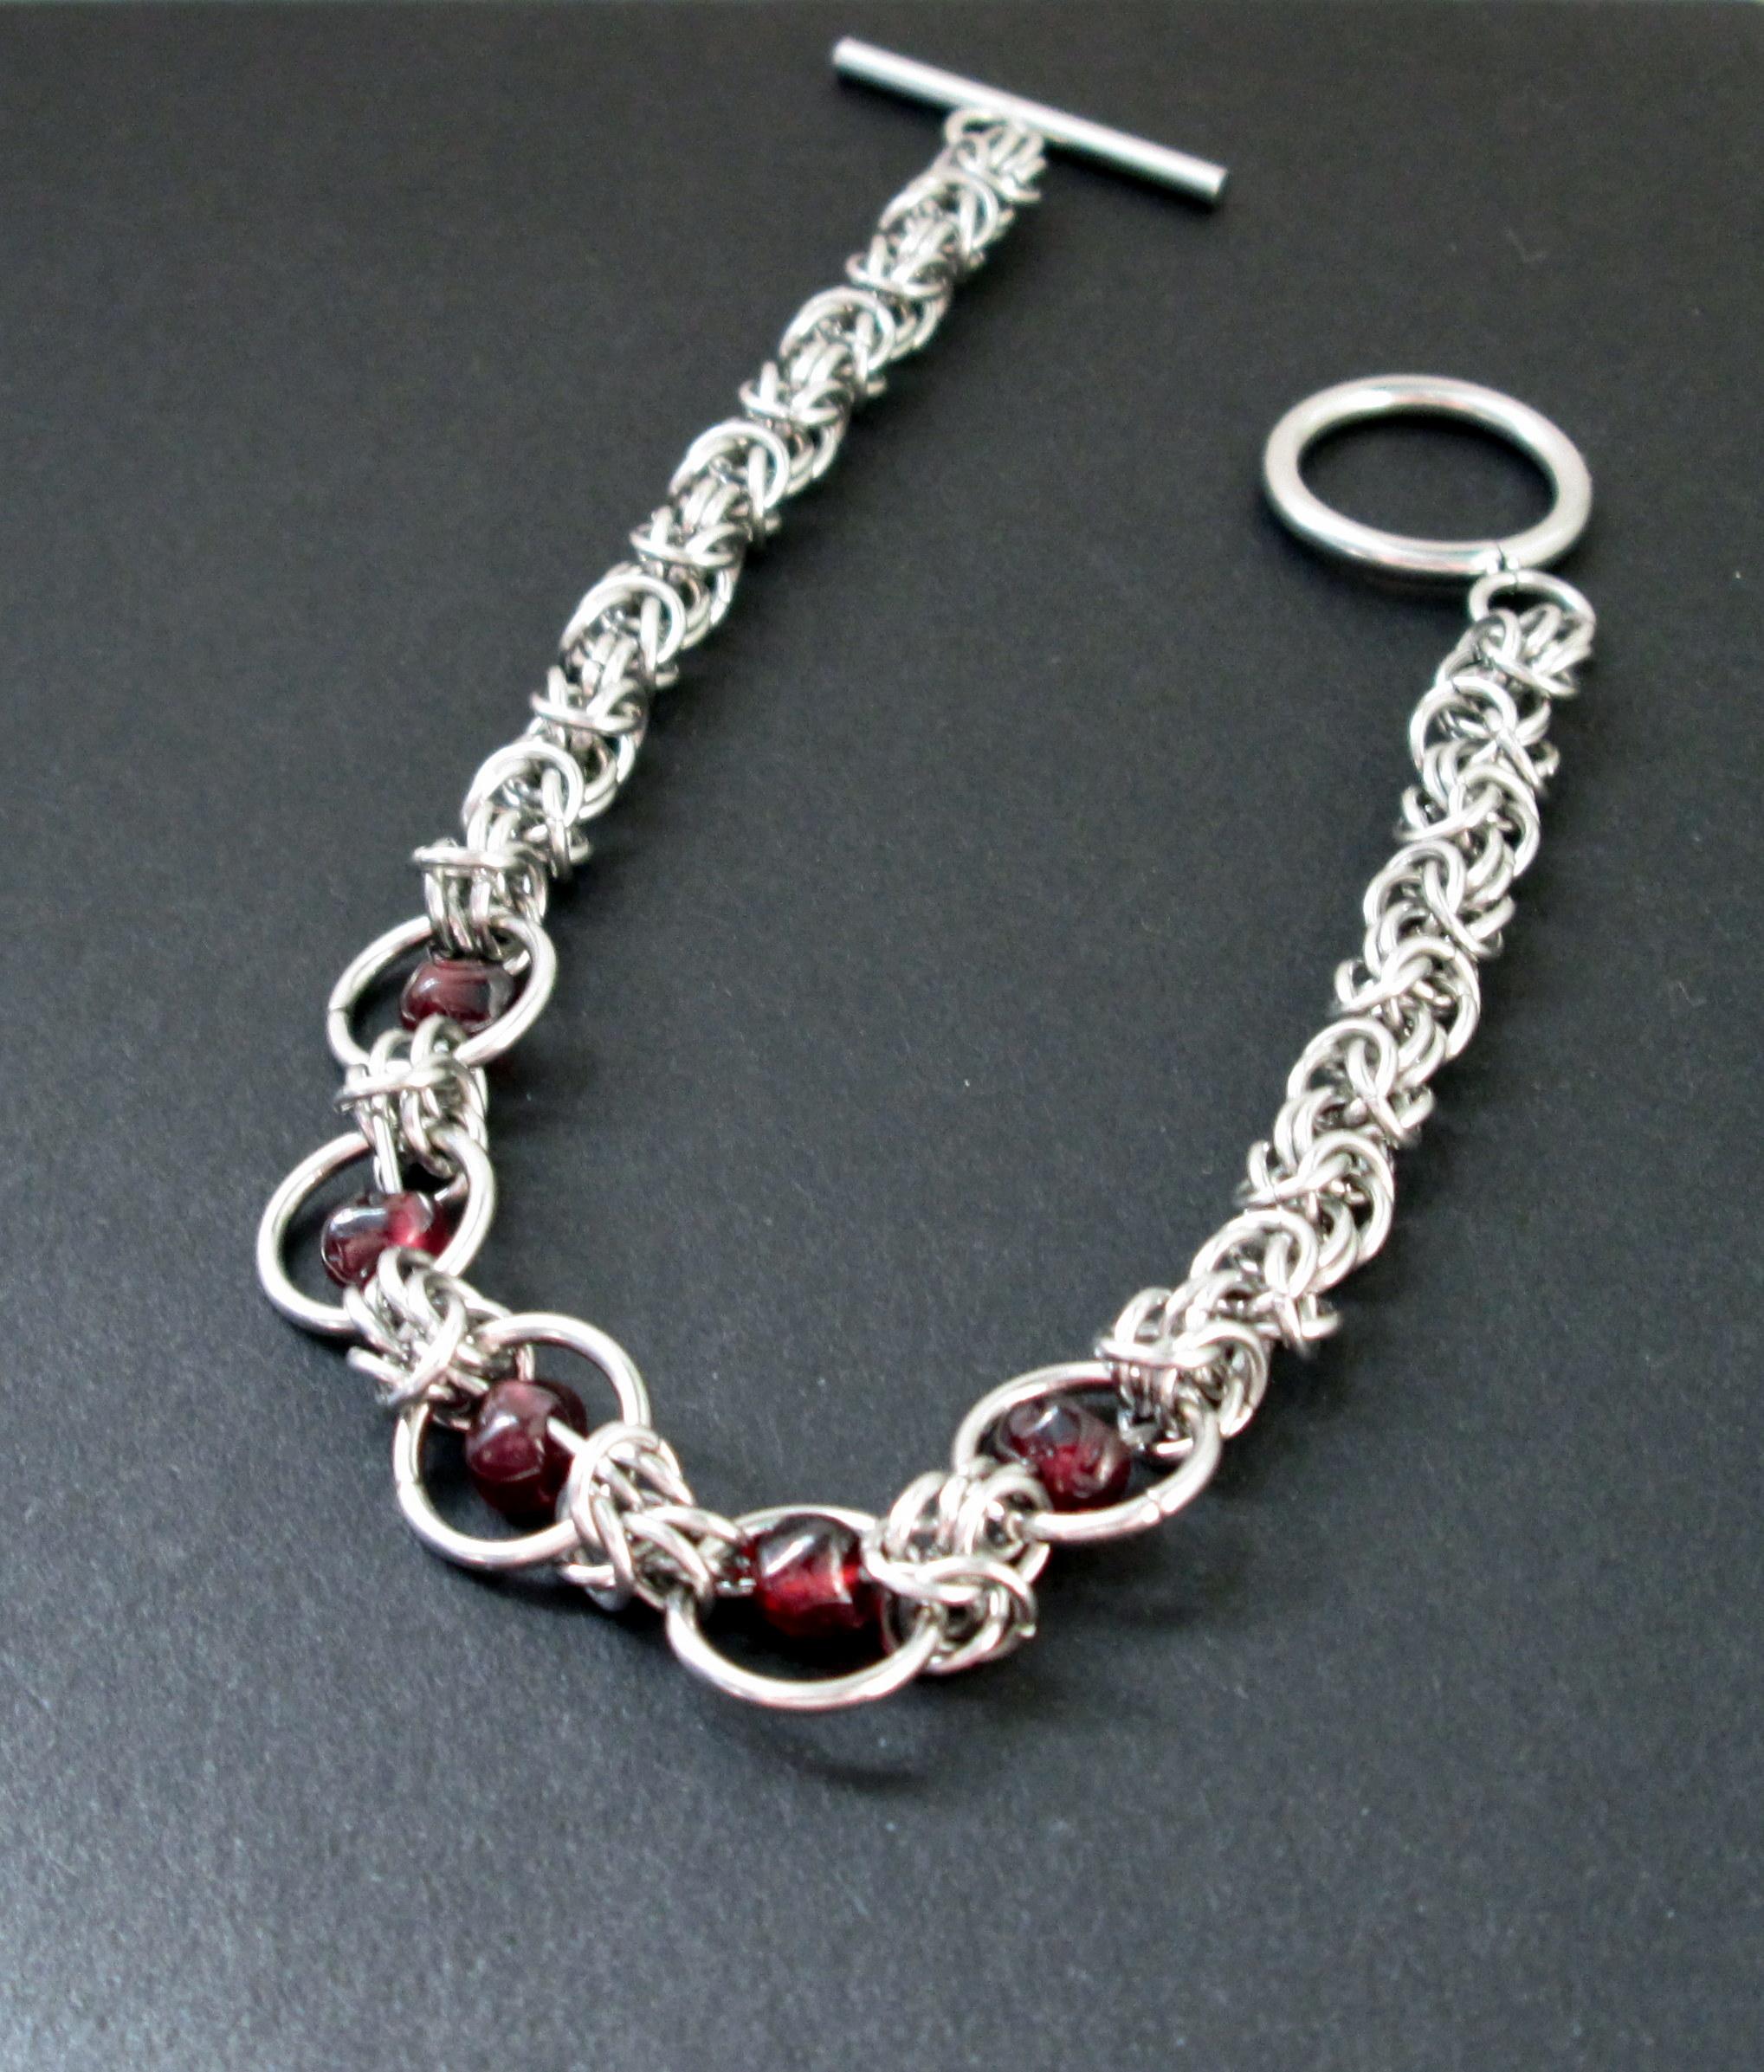 Garnet & Byzantine Chainmaille Bracelet from DeChamp Designs